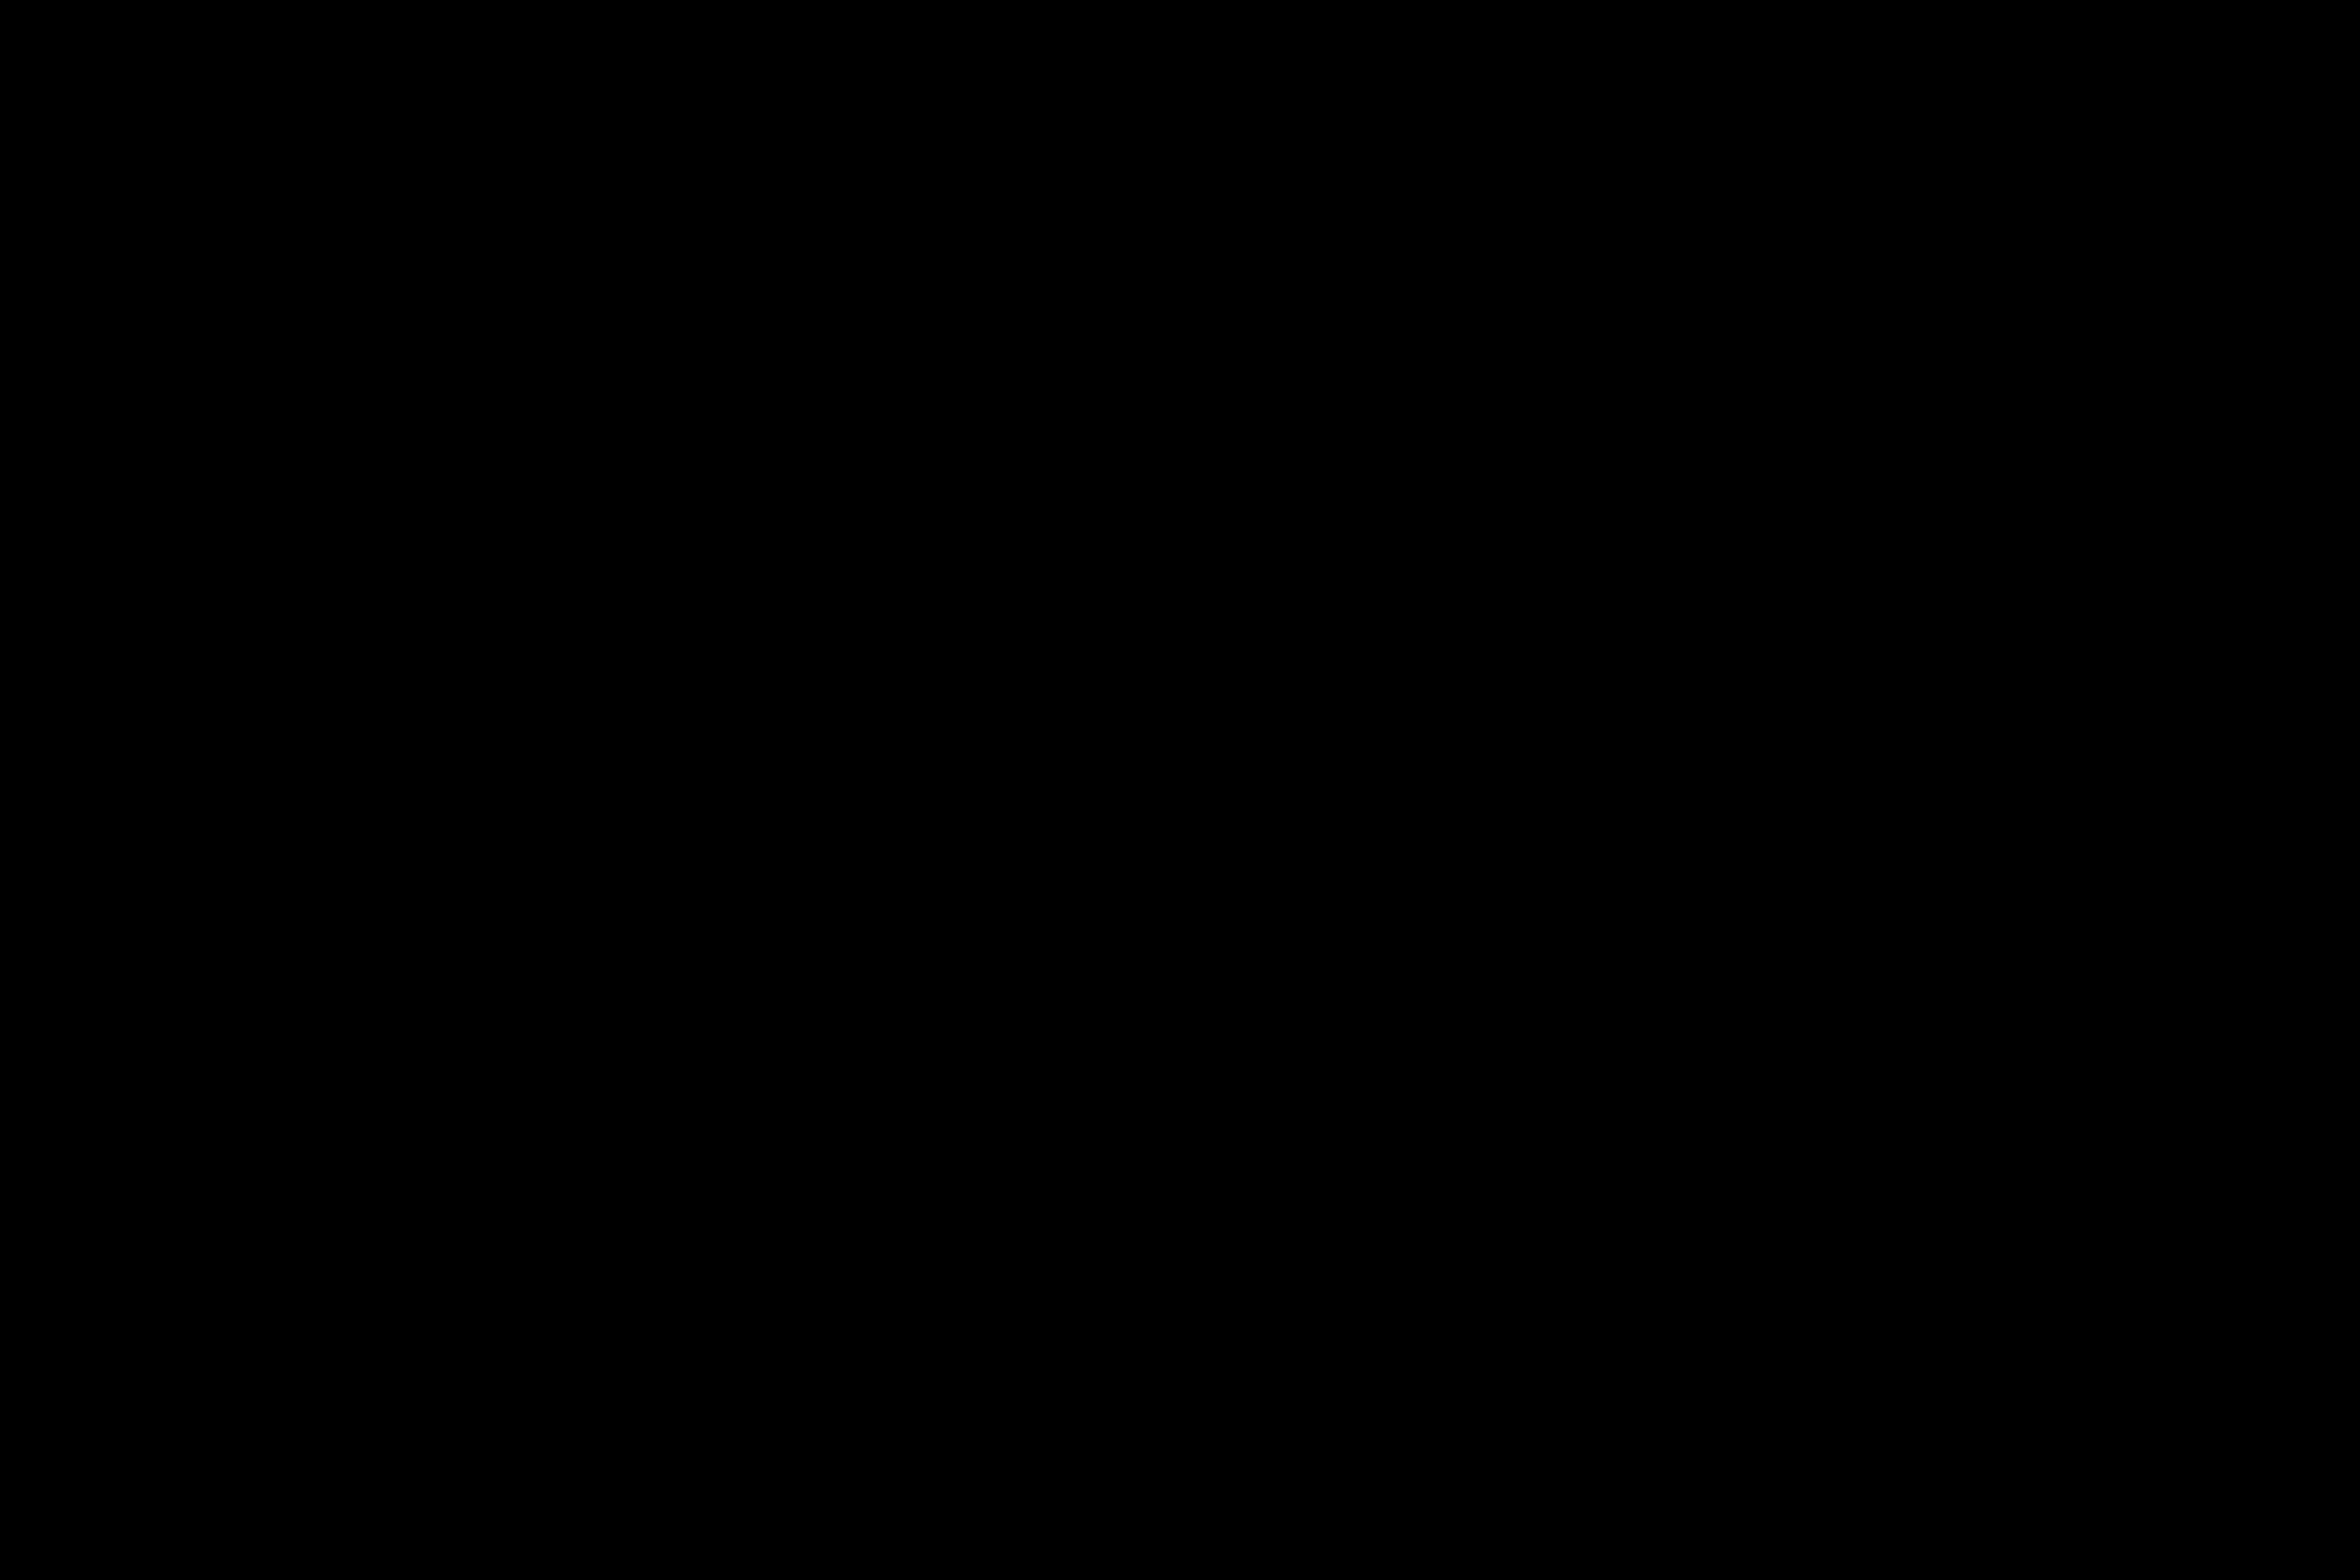 Karljessy-black-high-res.png